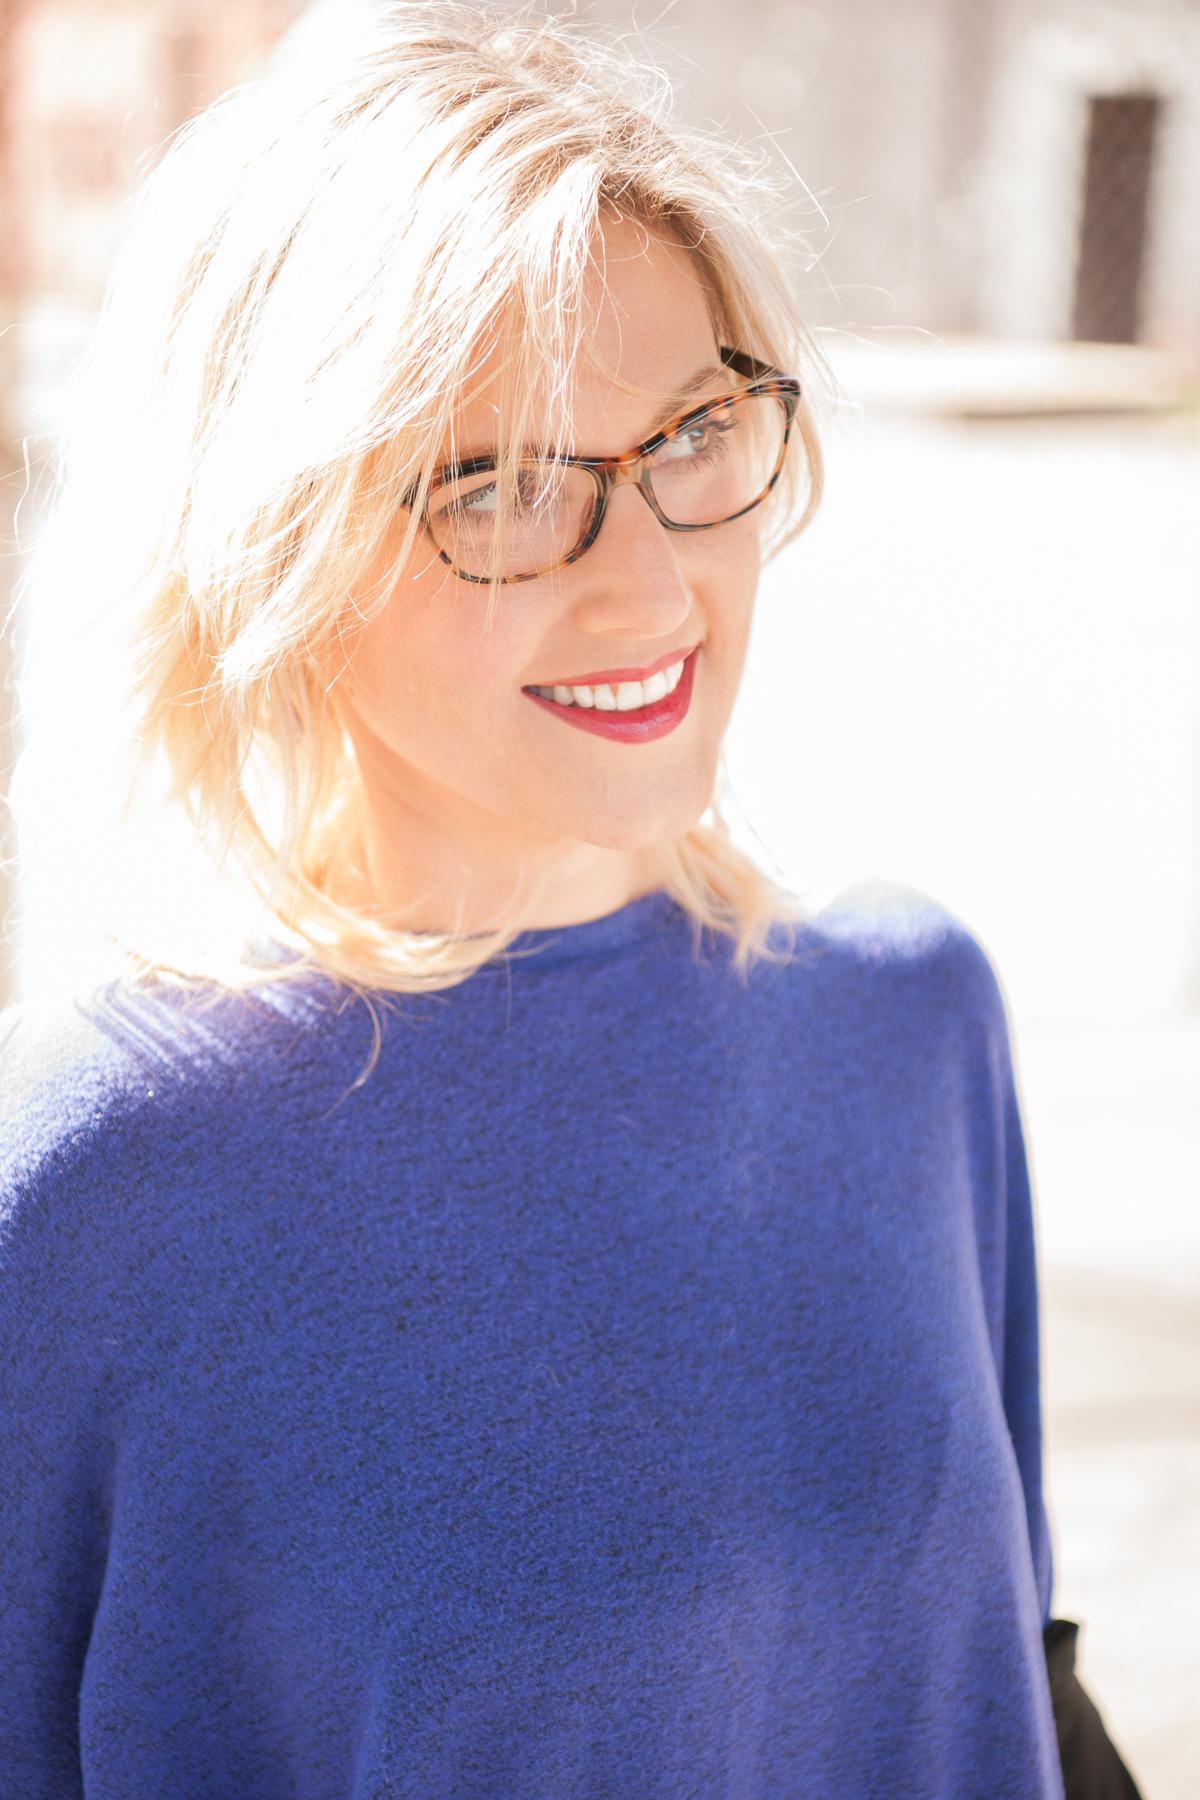 4 Blue shirt glasses.jpg